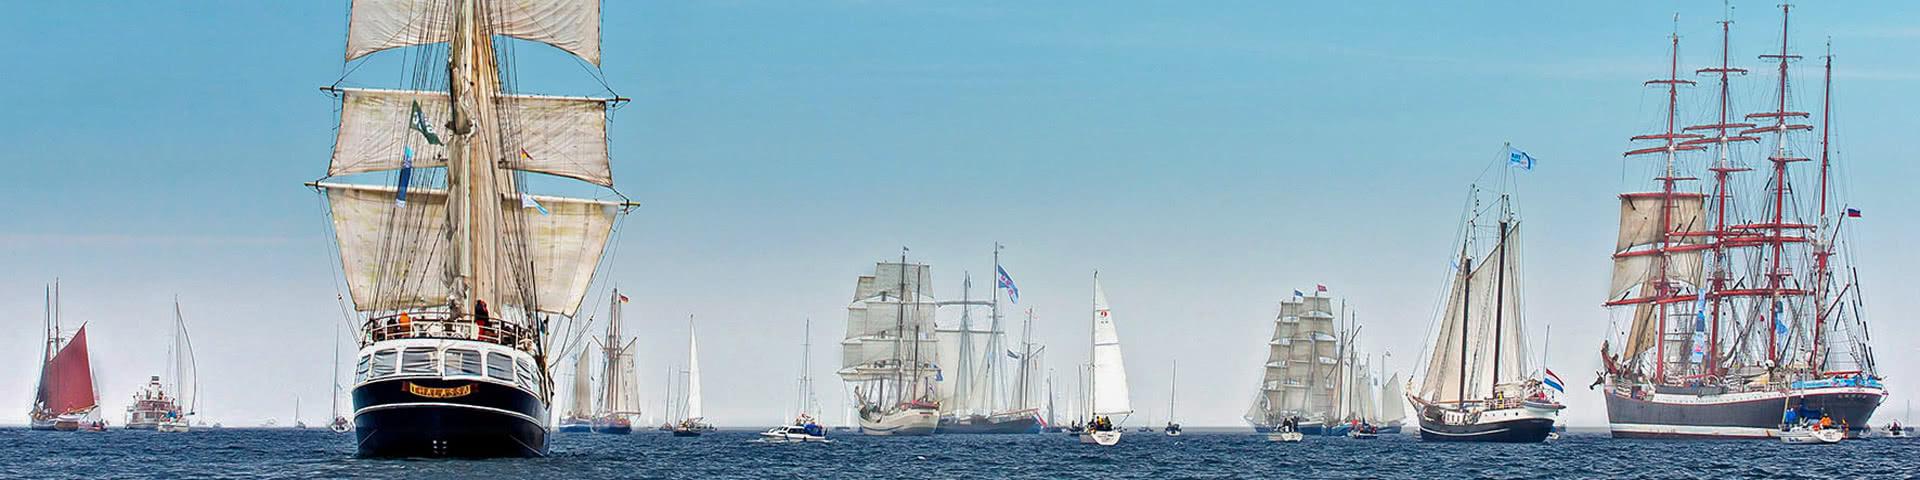 Viele große Schiff auf See vor Kiel während der Kieler Woche